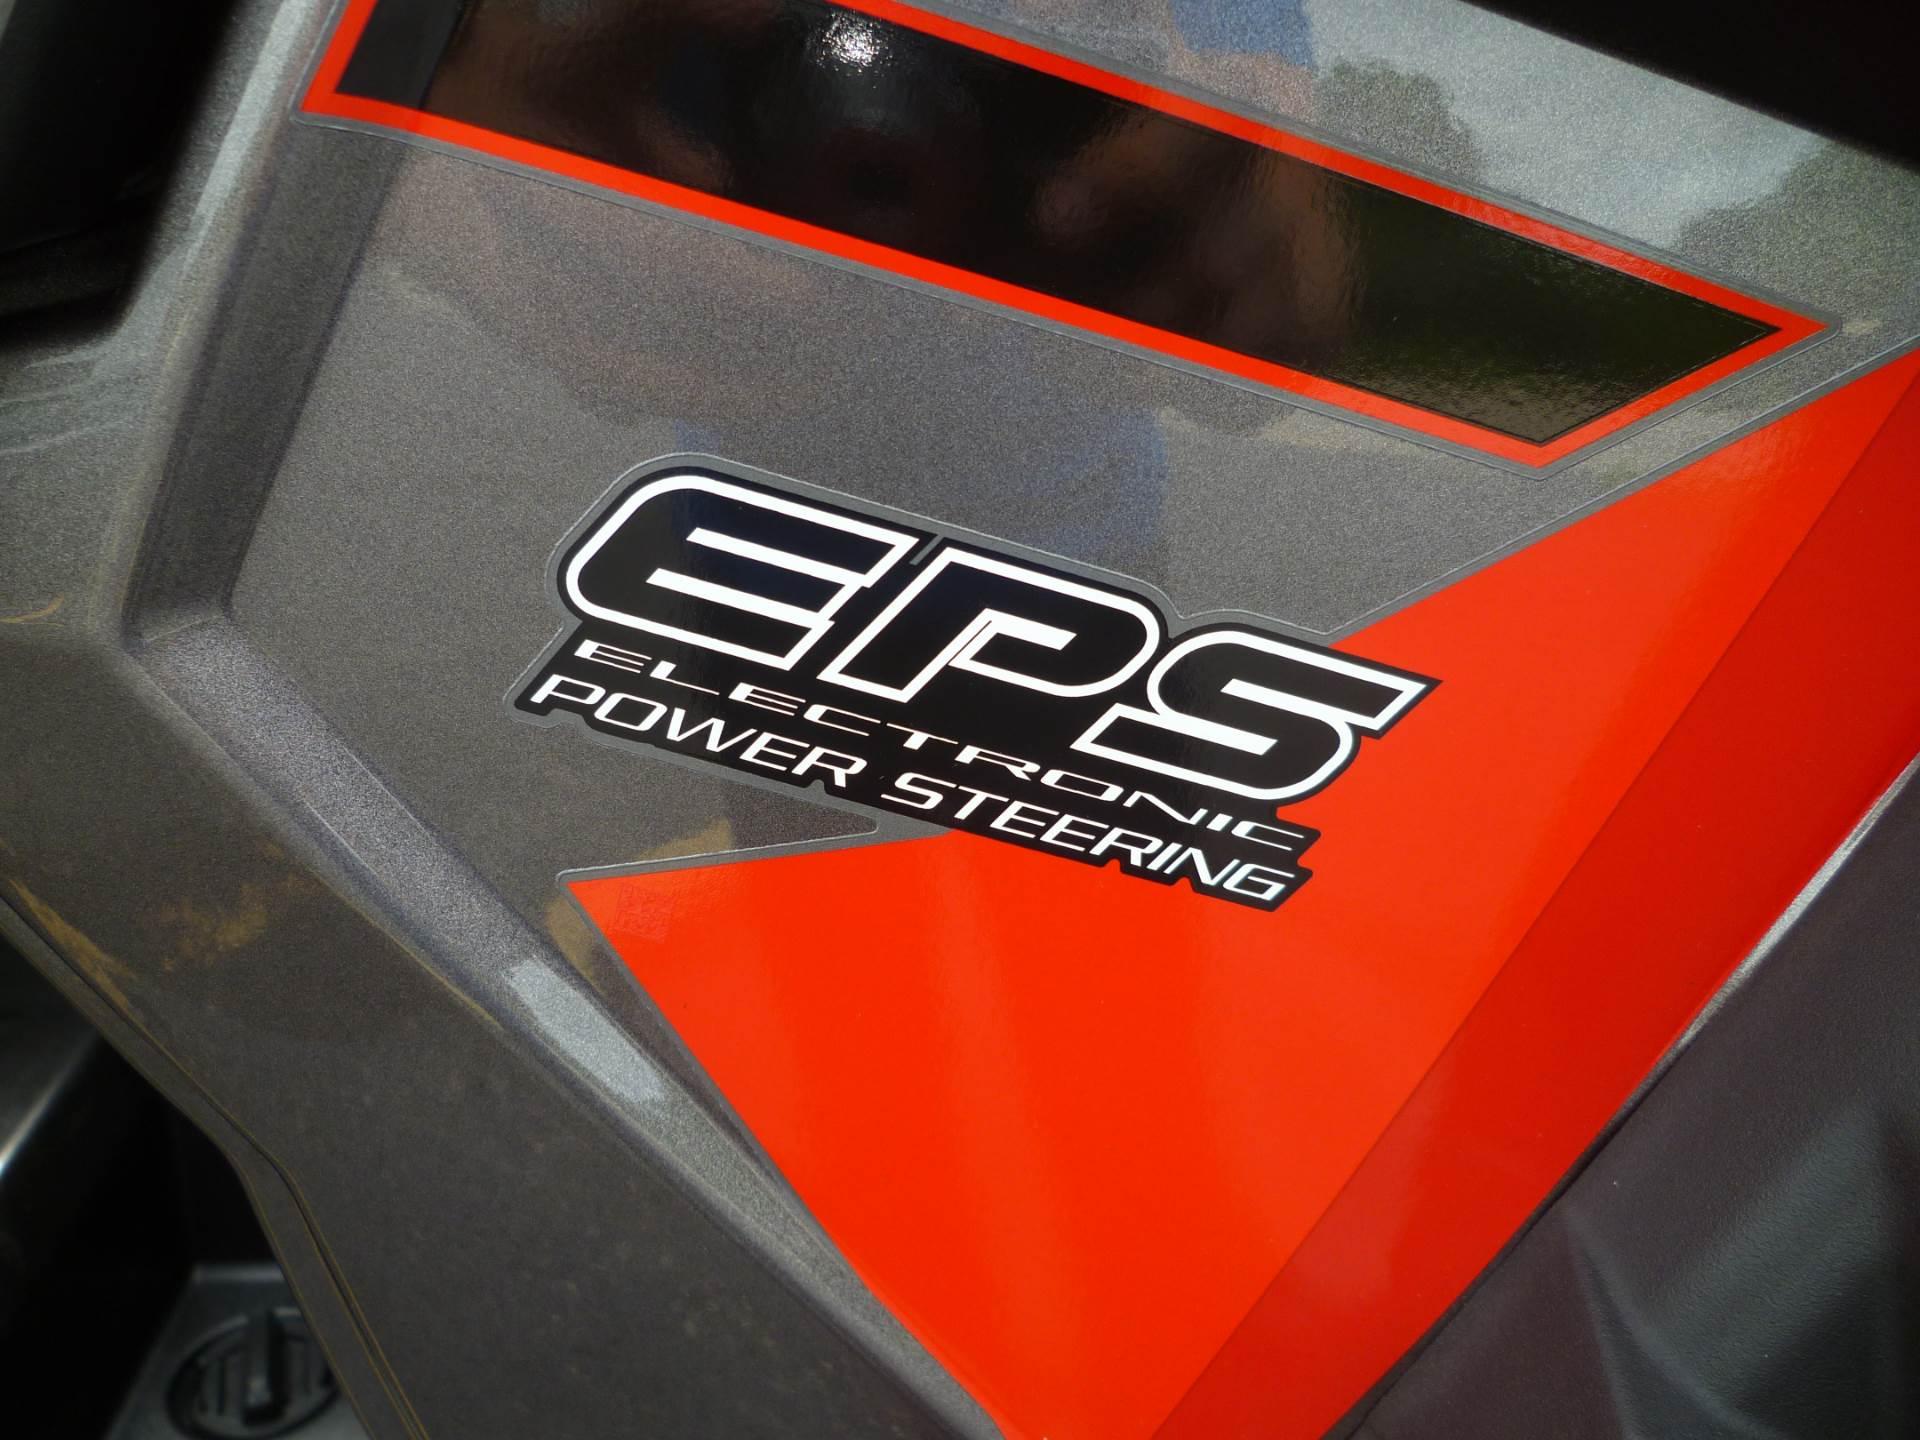 2017 Polaris RZR XP 1000 EPS 9